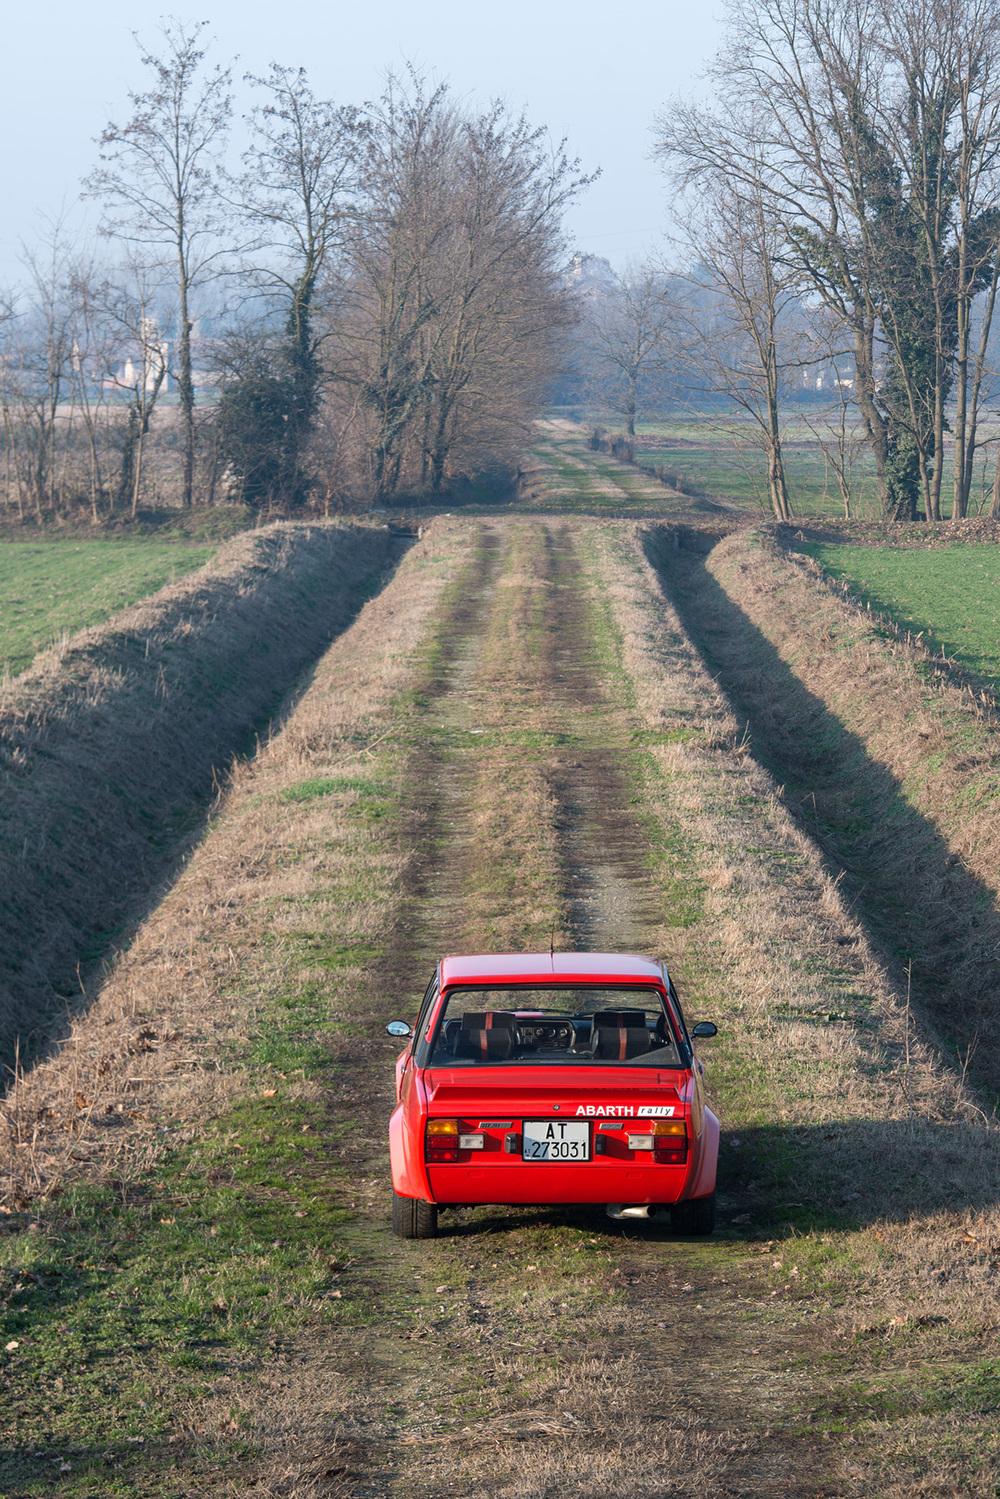 1976 Fiat 131 Abarth-19.jpg